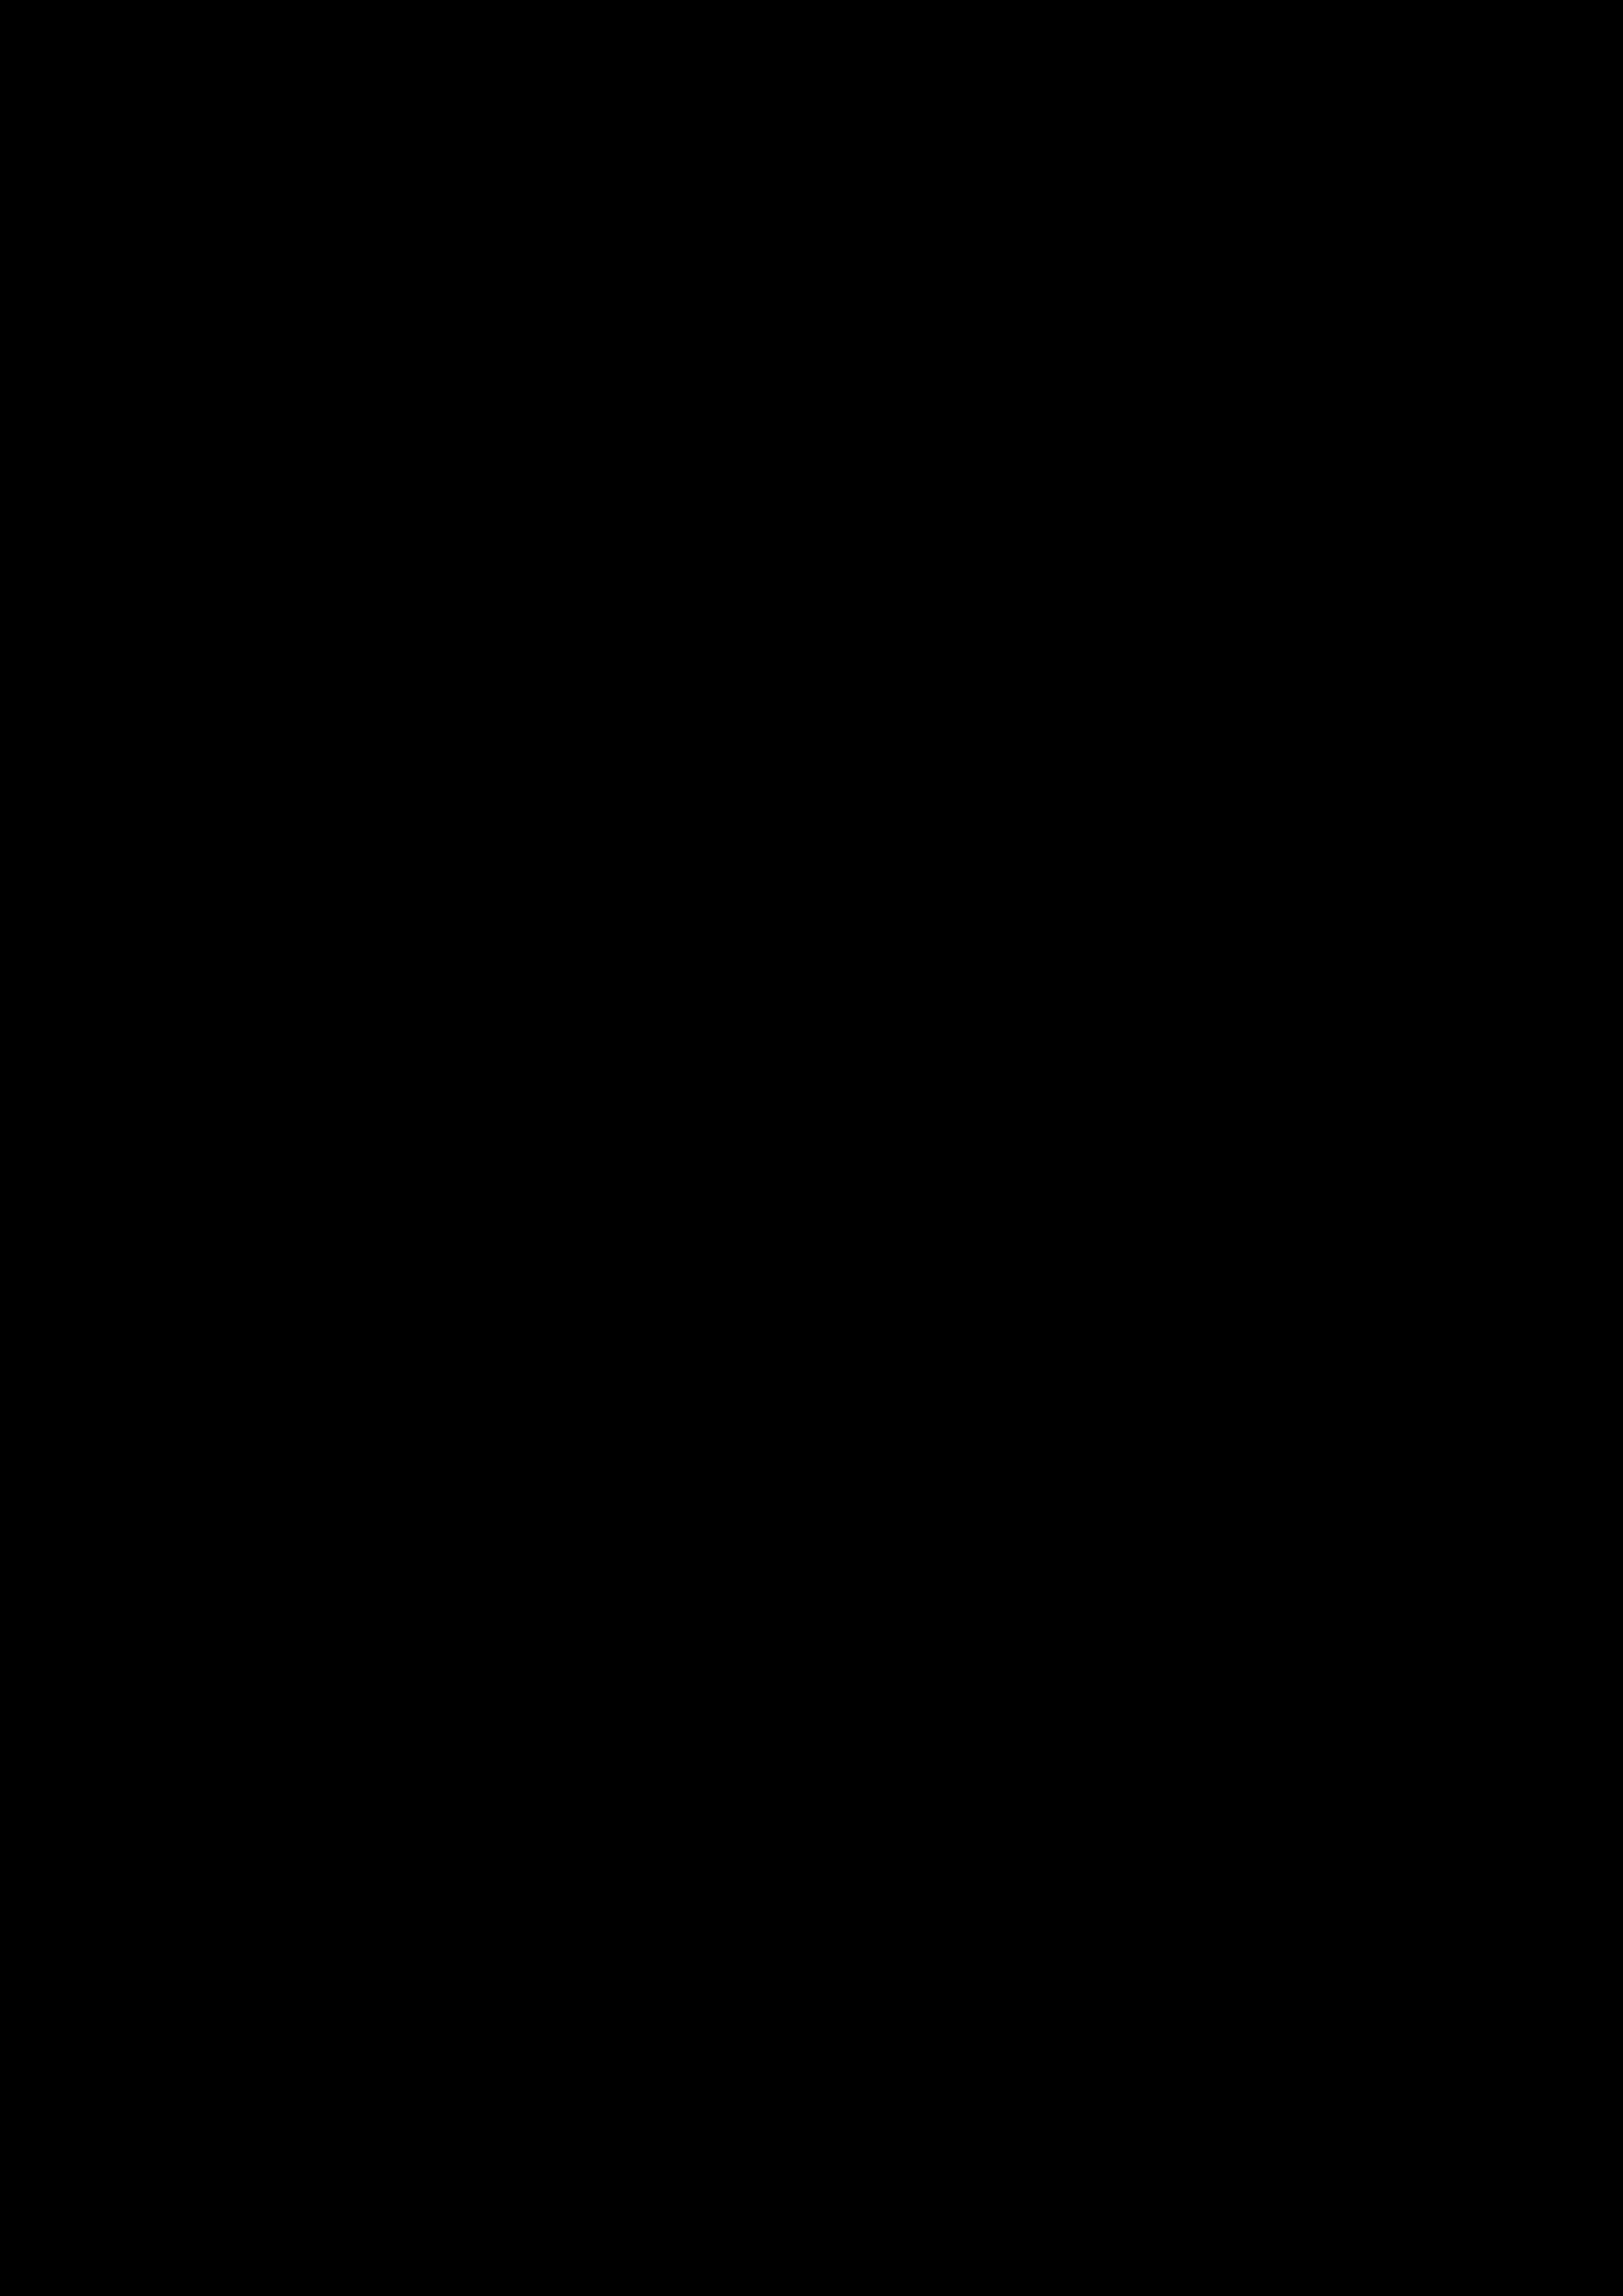 2018년 2학기 복수전공시행안내_페이지_2.jpg